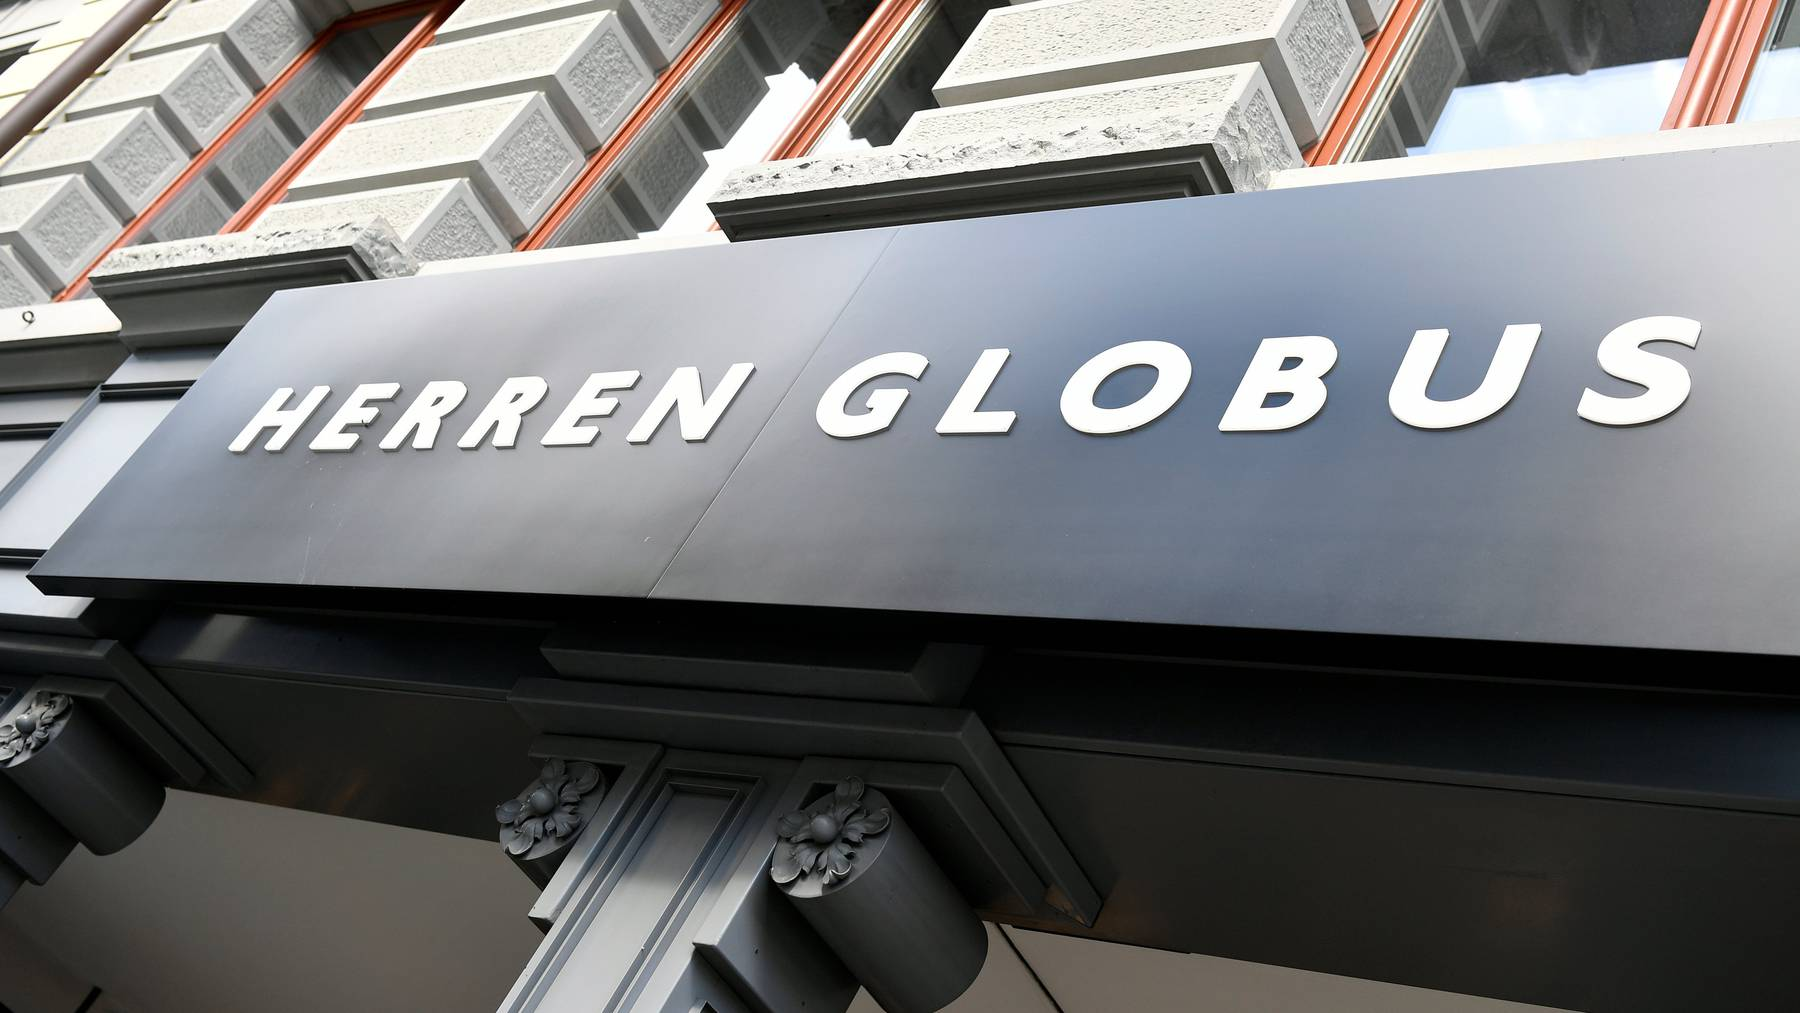 Der Herren Globus gehört ab sofort nicht mehr zur Warenhauskette.